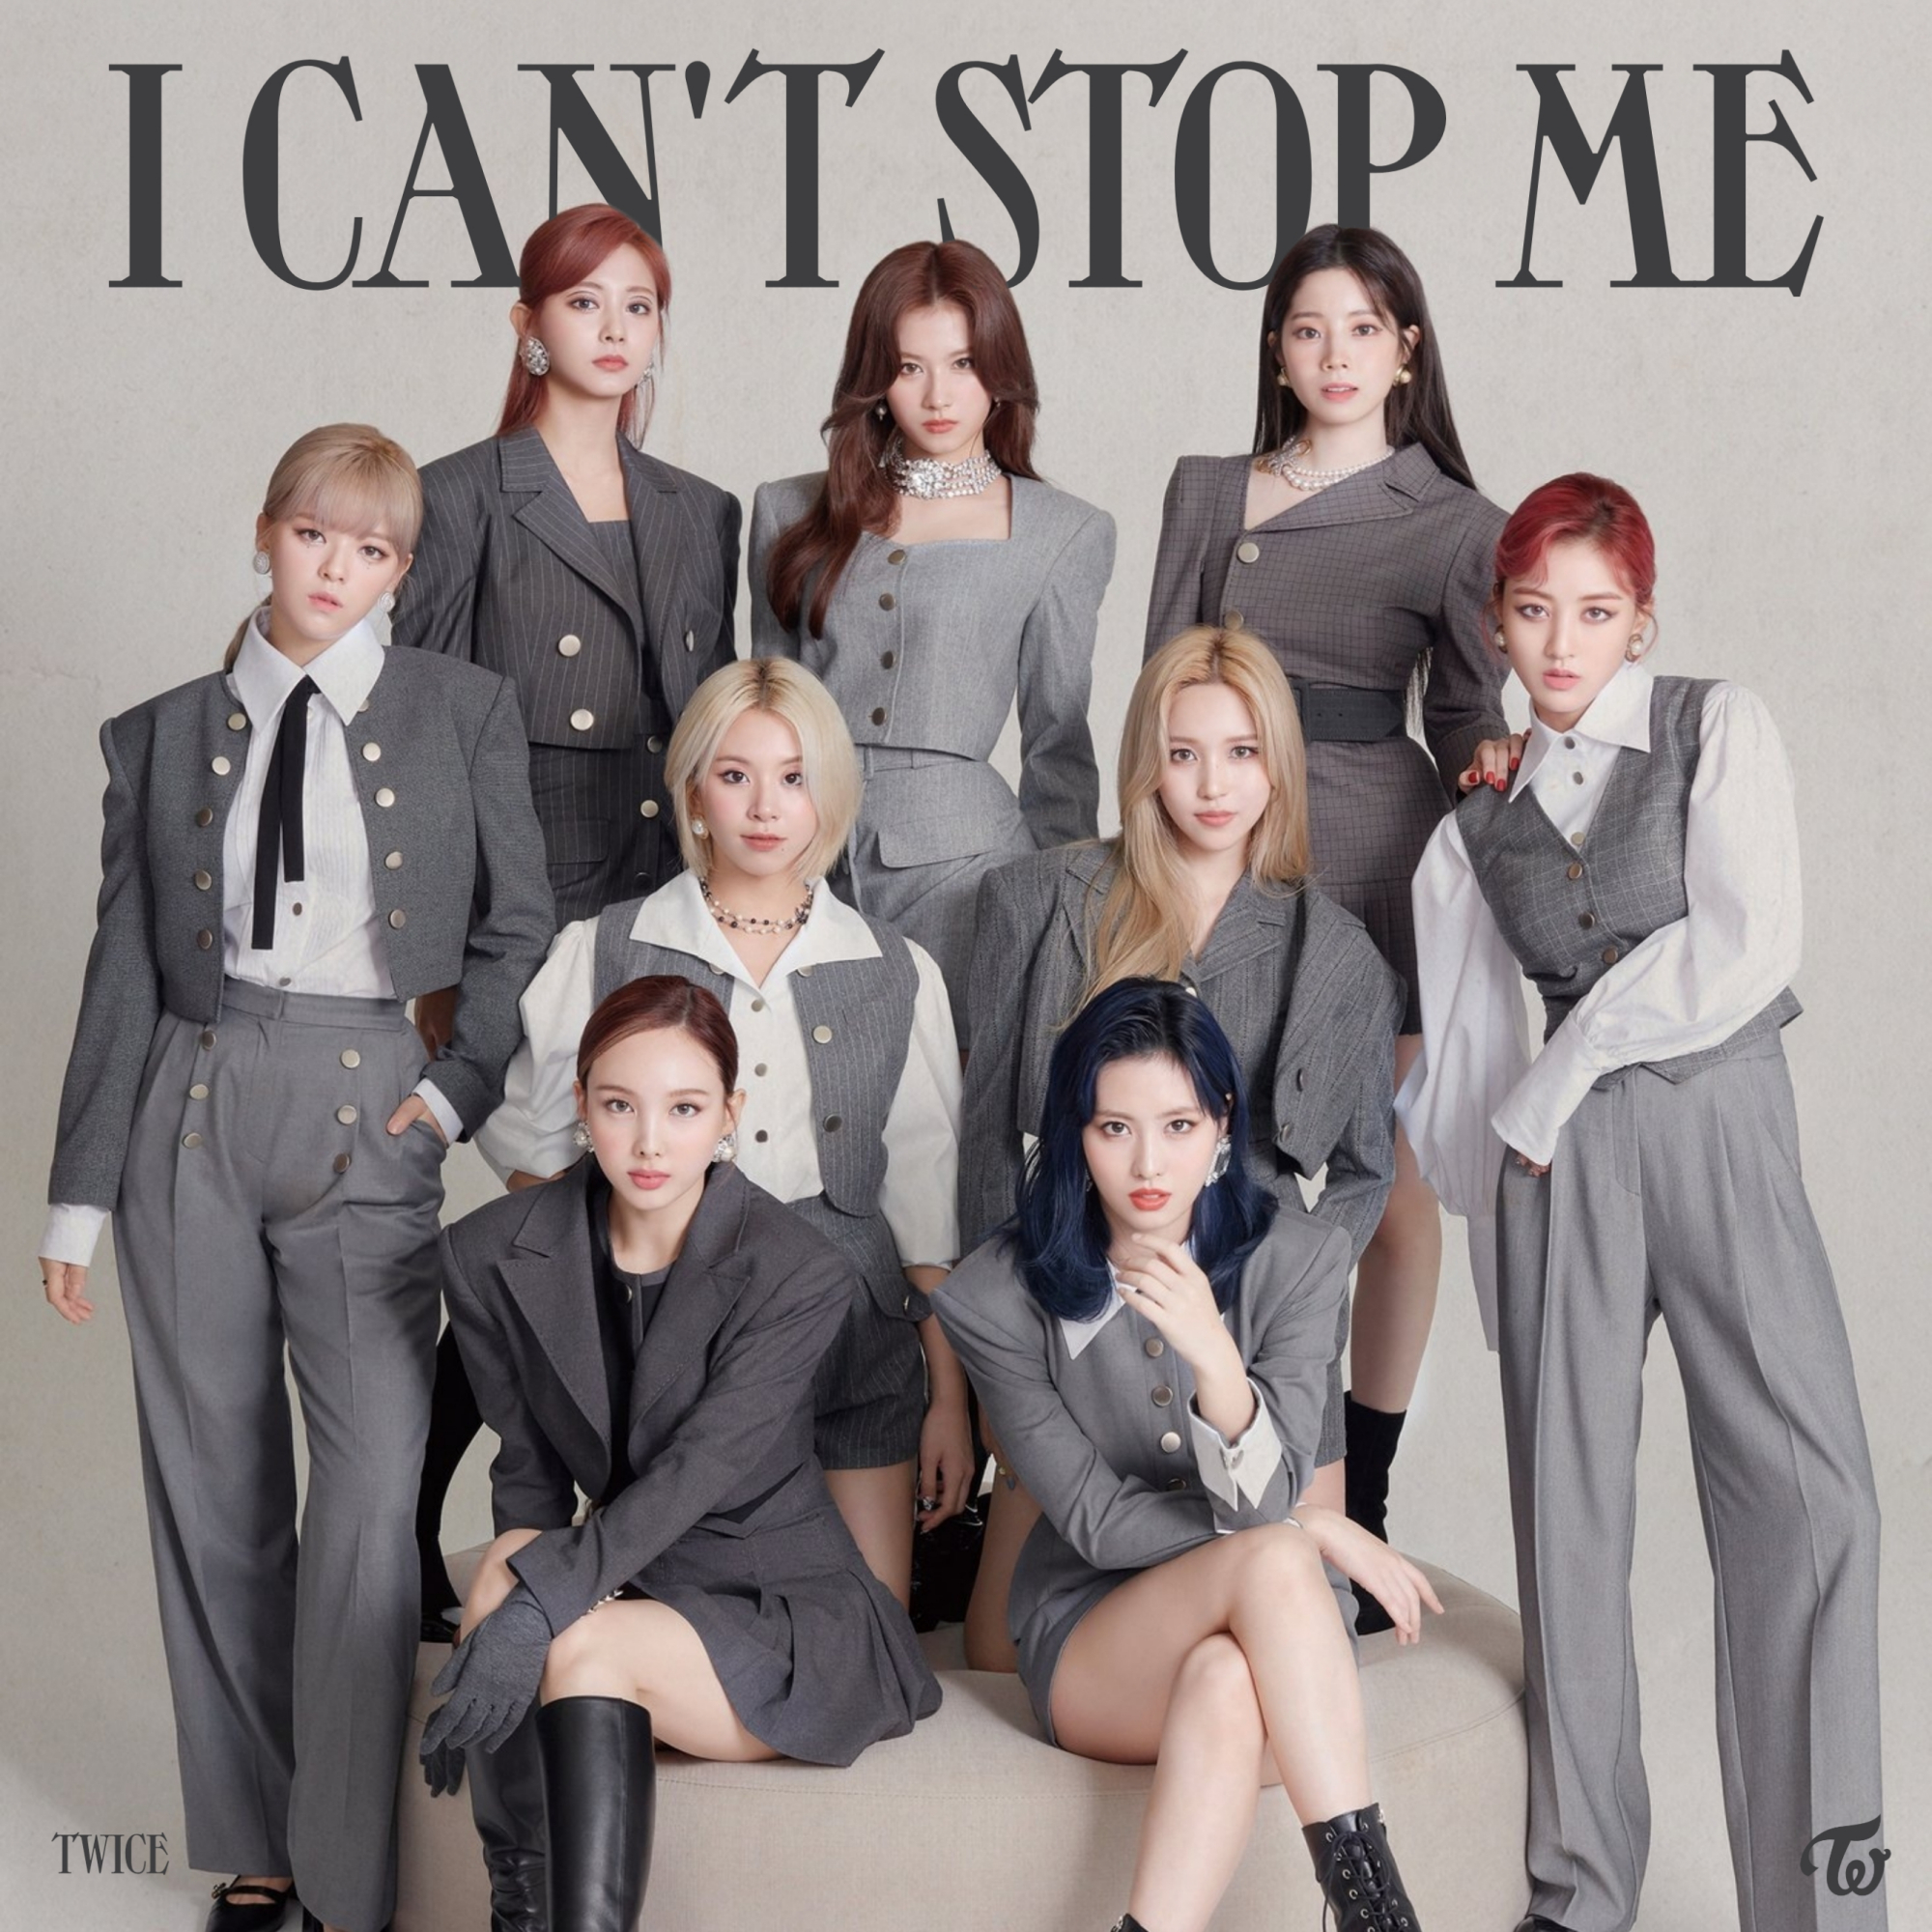 金泰妍的新歌涉嫌抄袭,SM故意装聋作哑,网友:是公司害了她